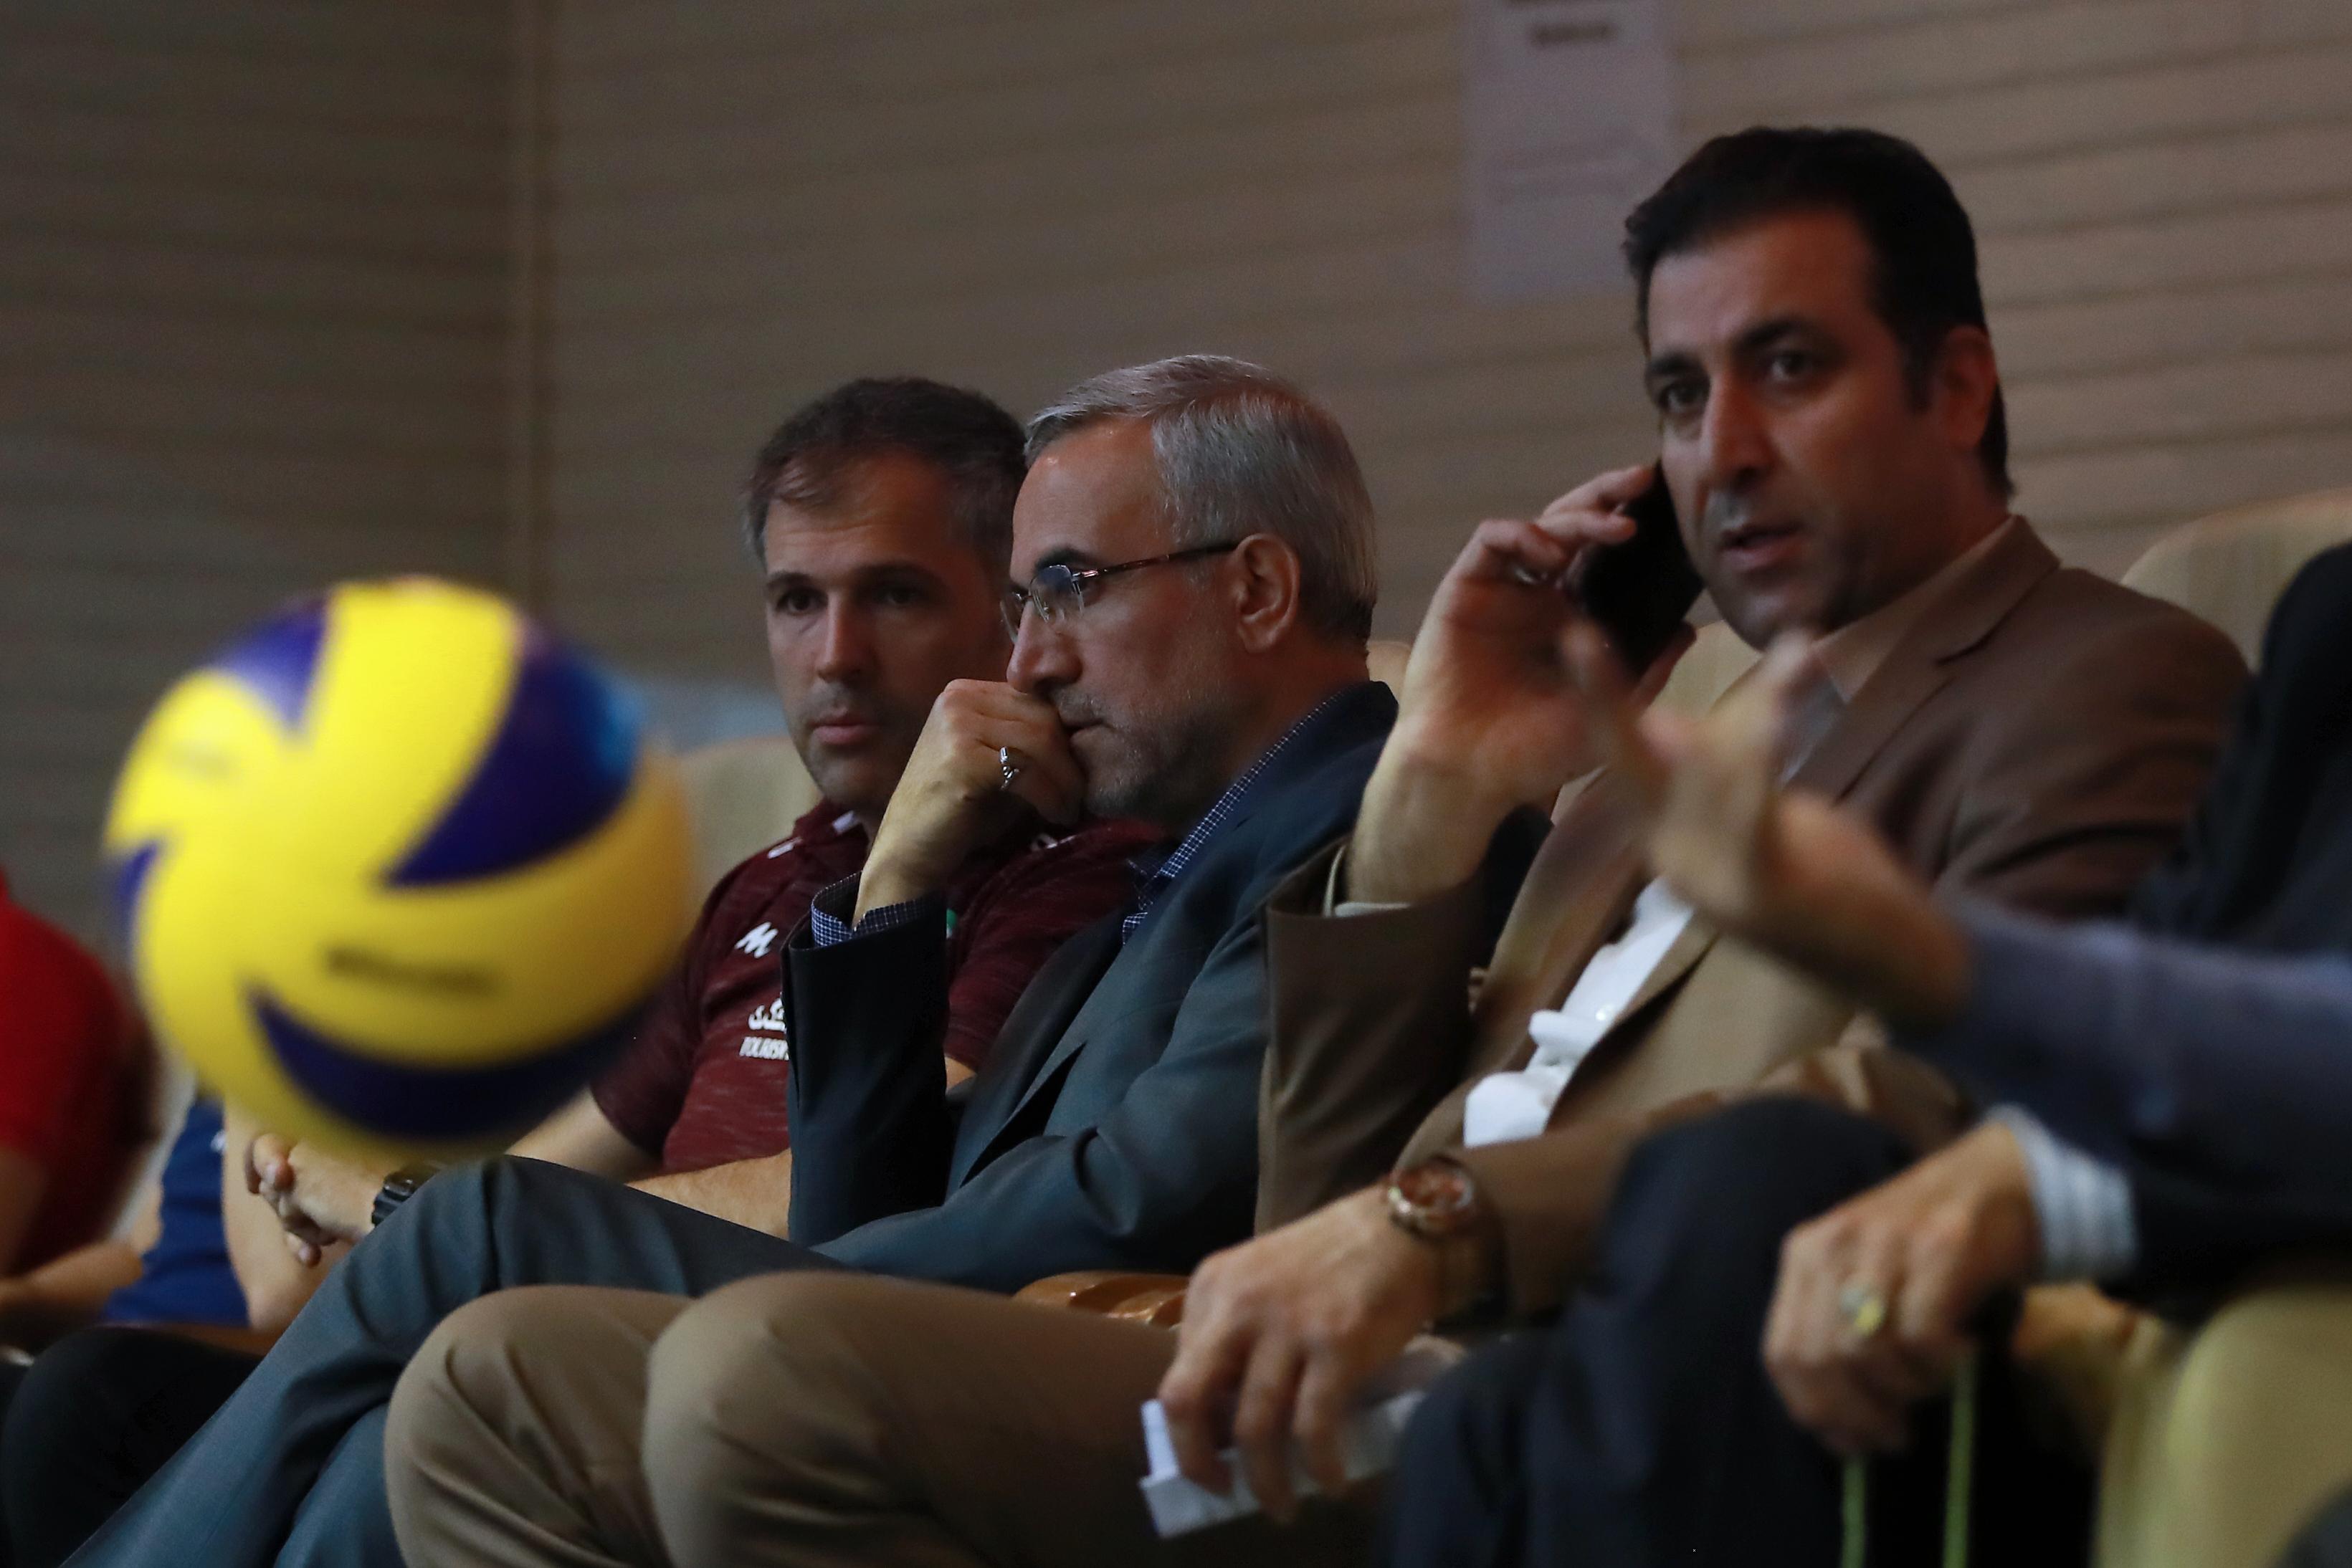 تماس فدراسیون والیبال با FIVB برای فرار رییس ازقانون بازنشستگی